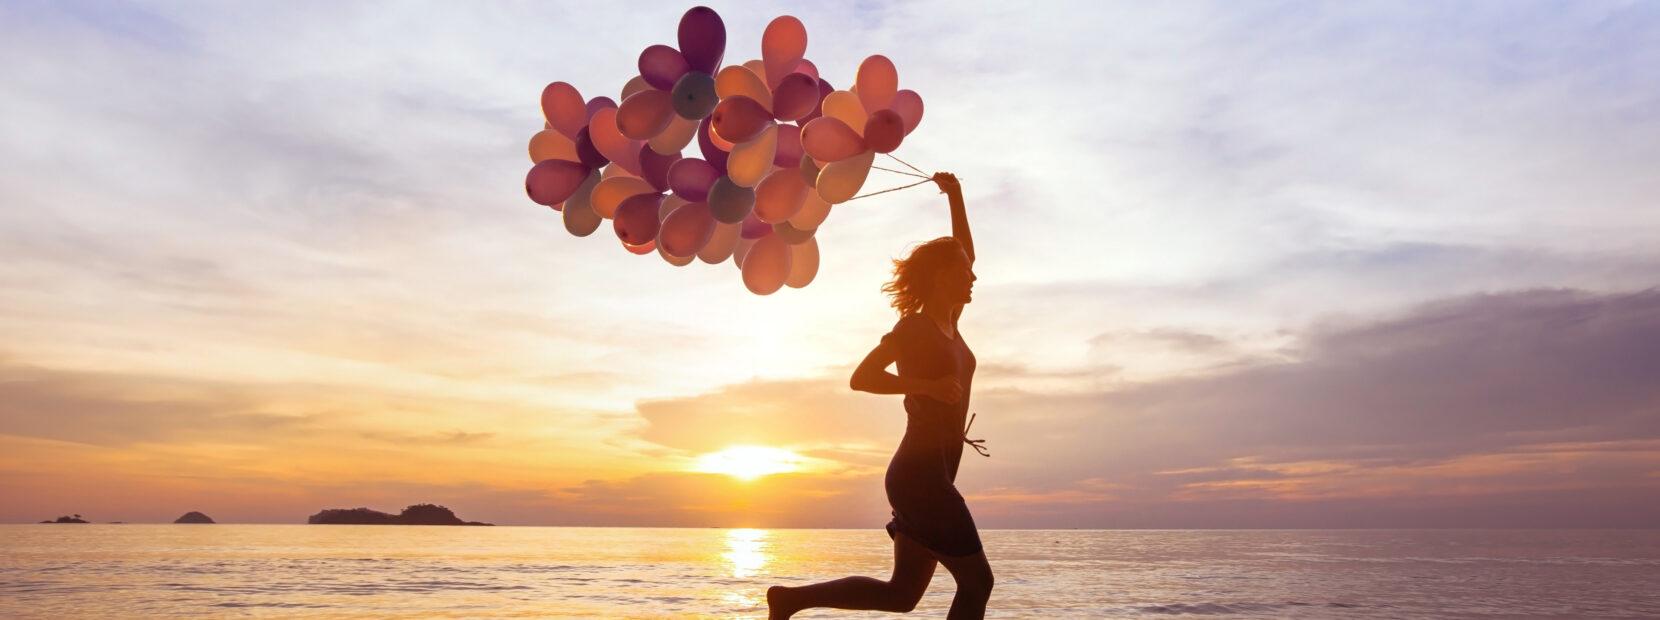 life.hu – A koncentráció a boldogság kulcsa